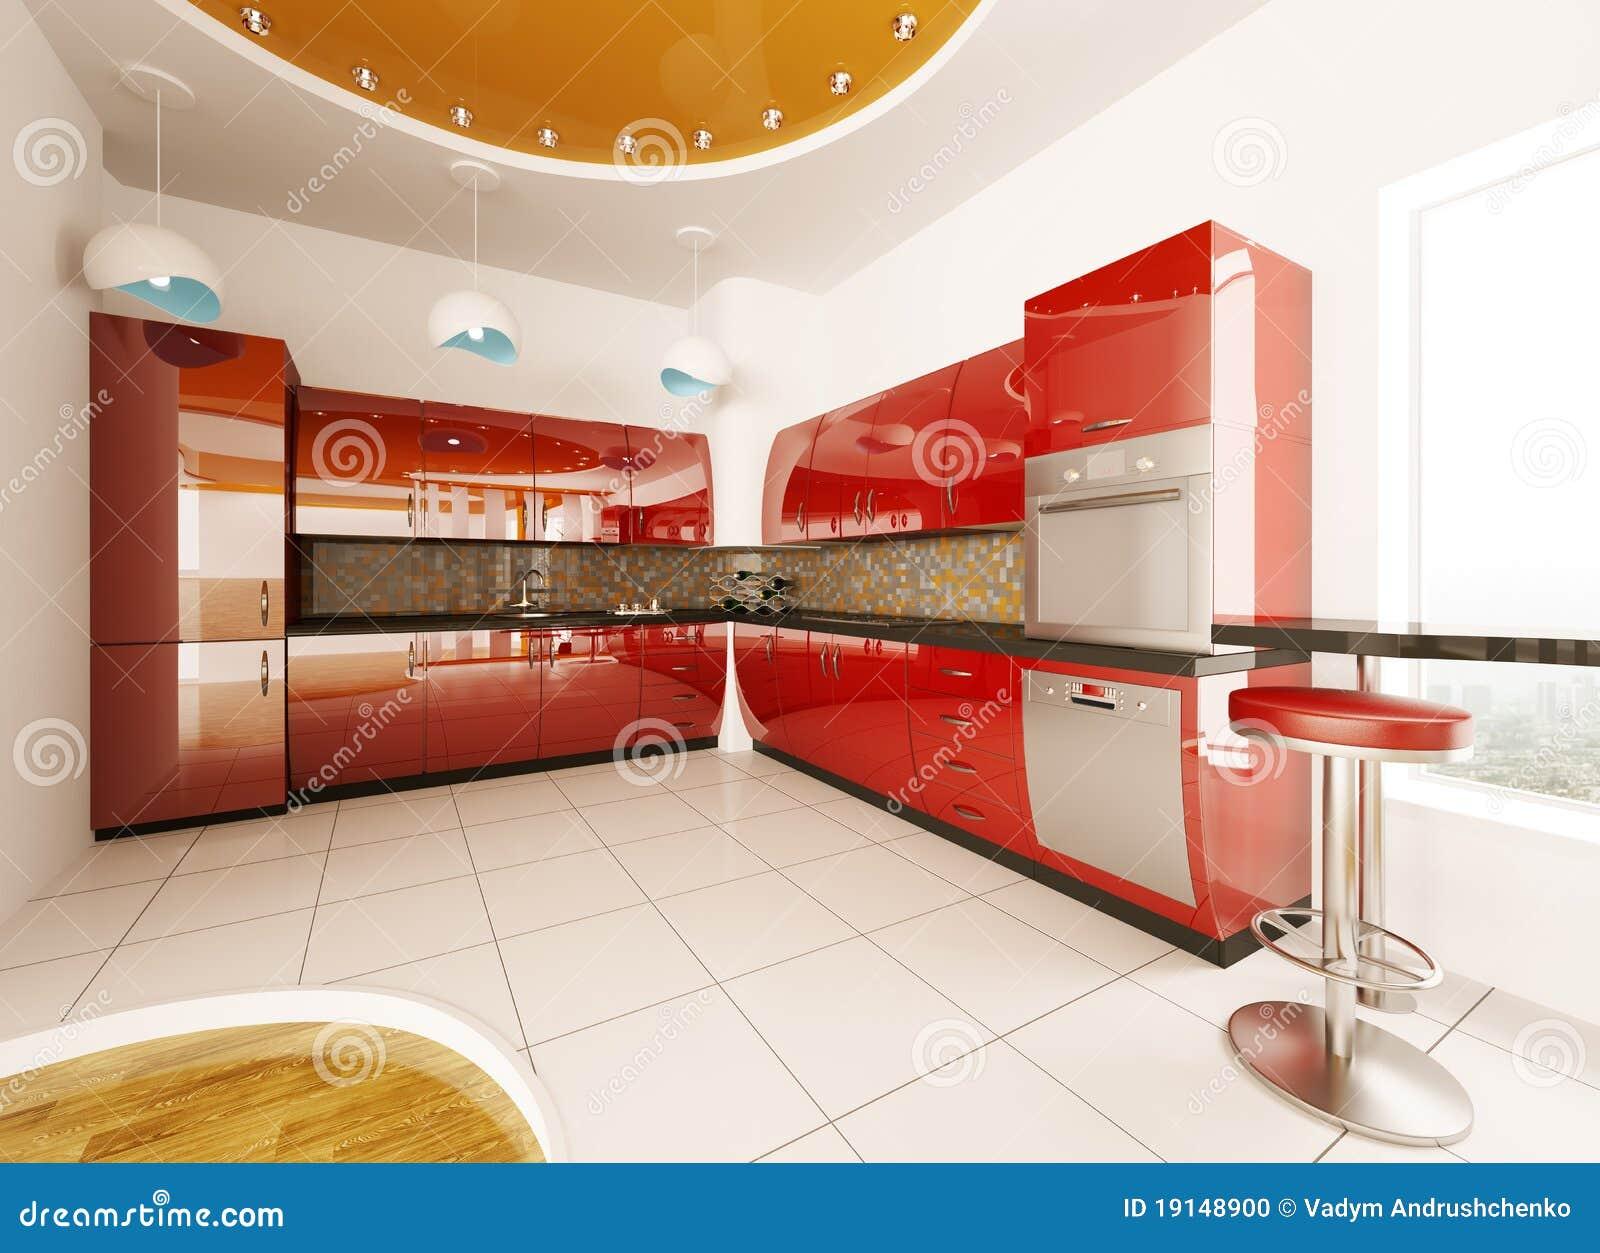 Il disegno interno della cucina moderna 3d rende for Design della cucina